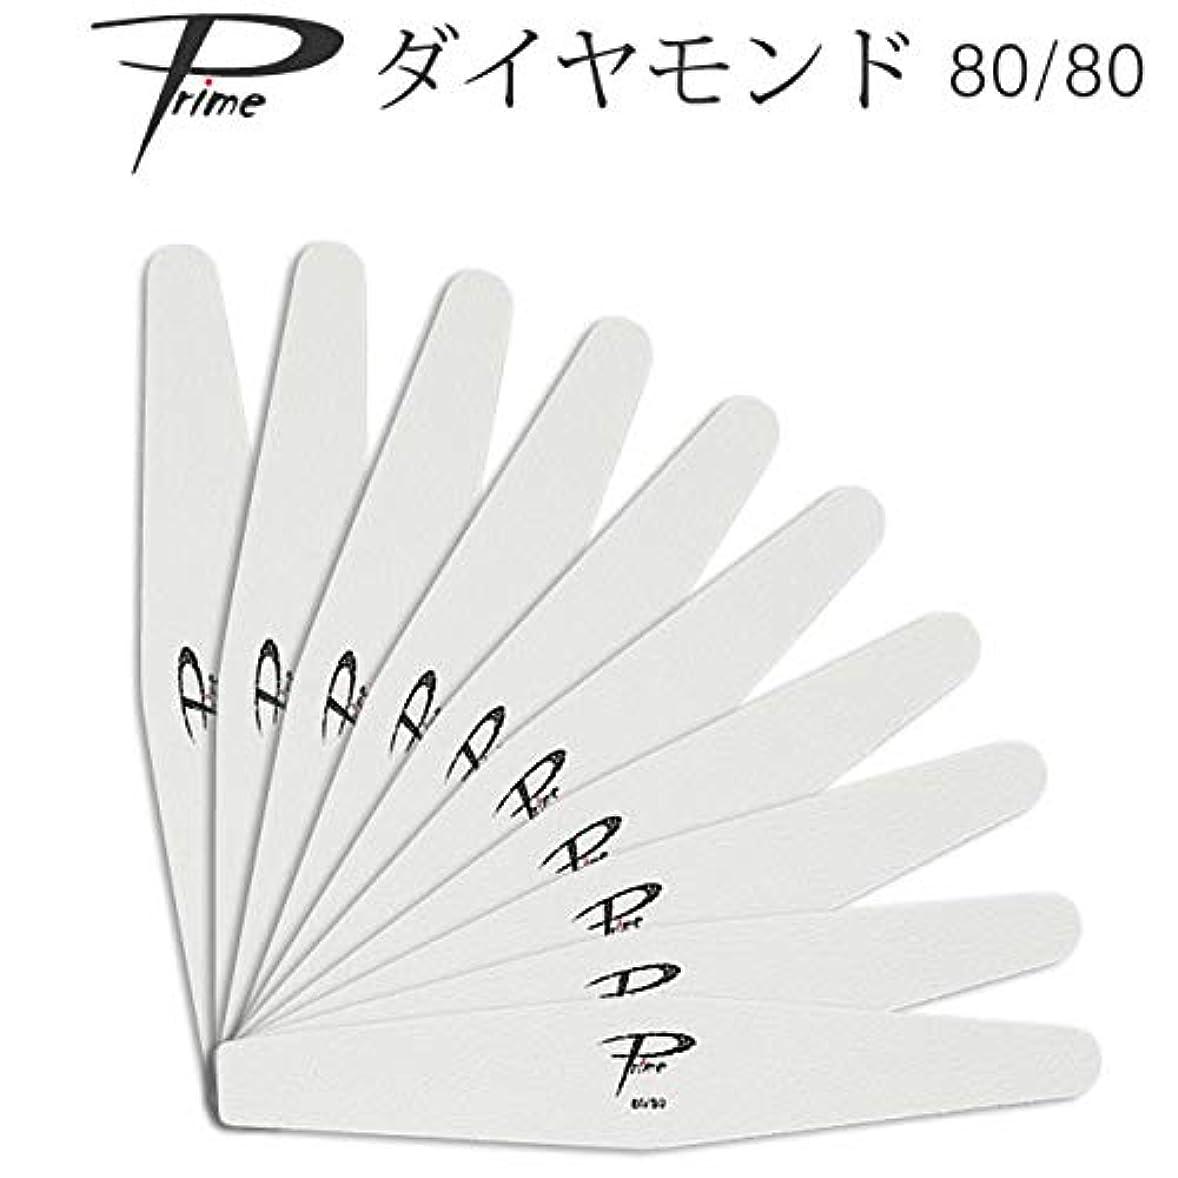 ポーズ大事にするホステス10本セット PrimeダイヤモンドFILE 80/80